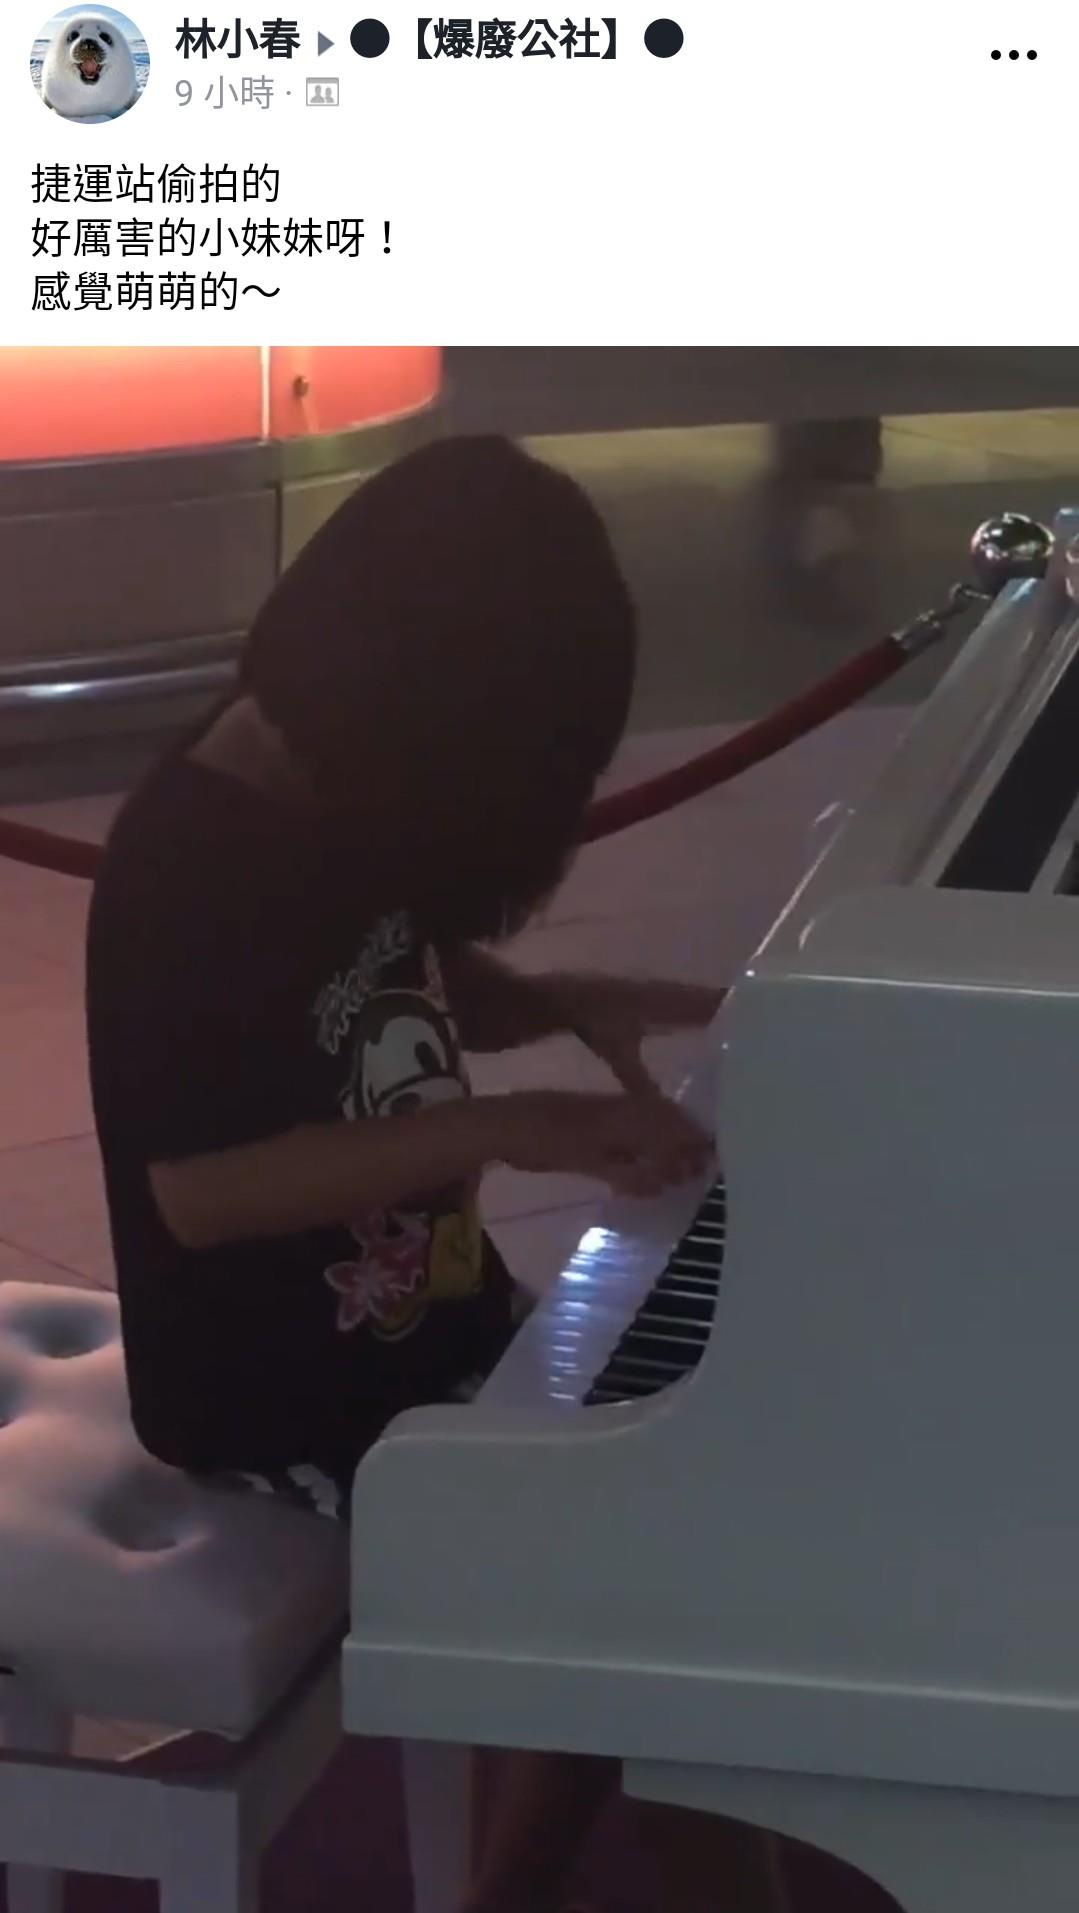 影/以為在國外!短髮小女孩捷運站「展驚人鋼琴手技」 網嘆:根本下個朗朗